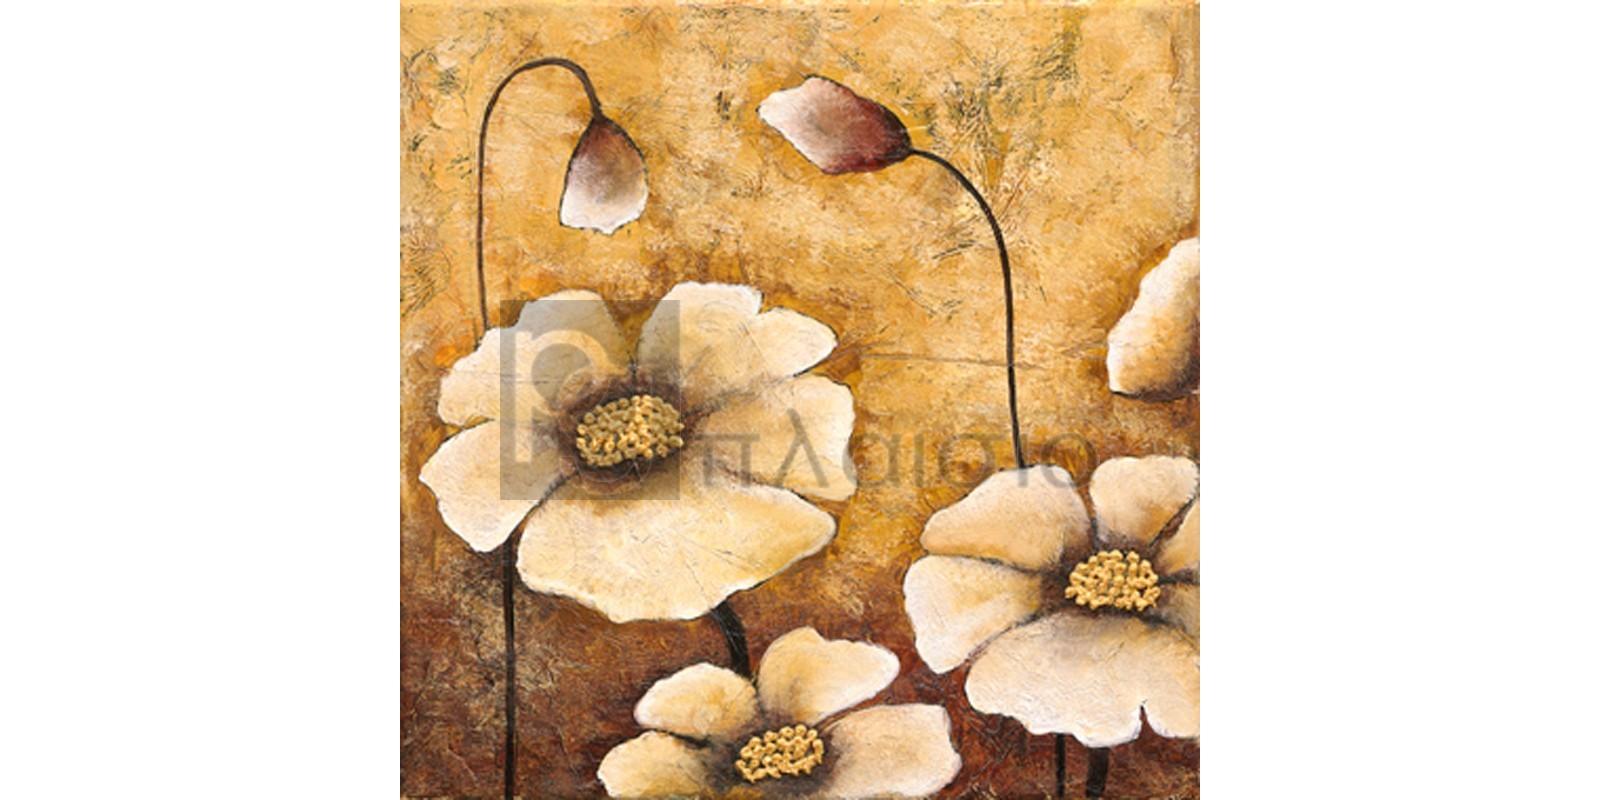 Βαλέρια Κουσίδου - Λευκές Παπαρούνες I